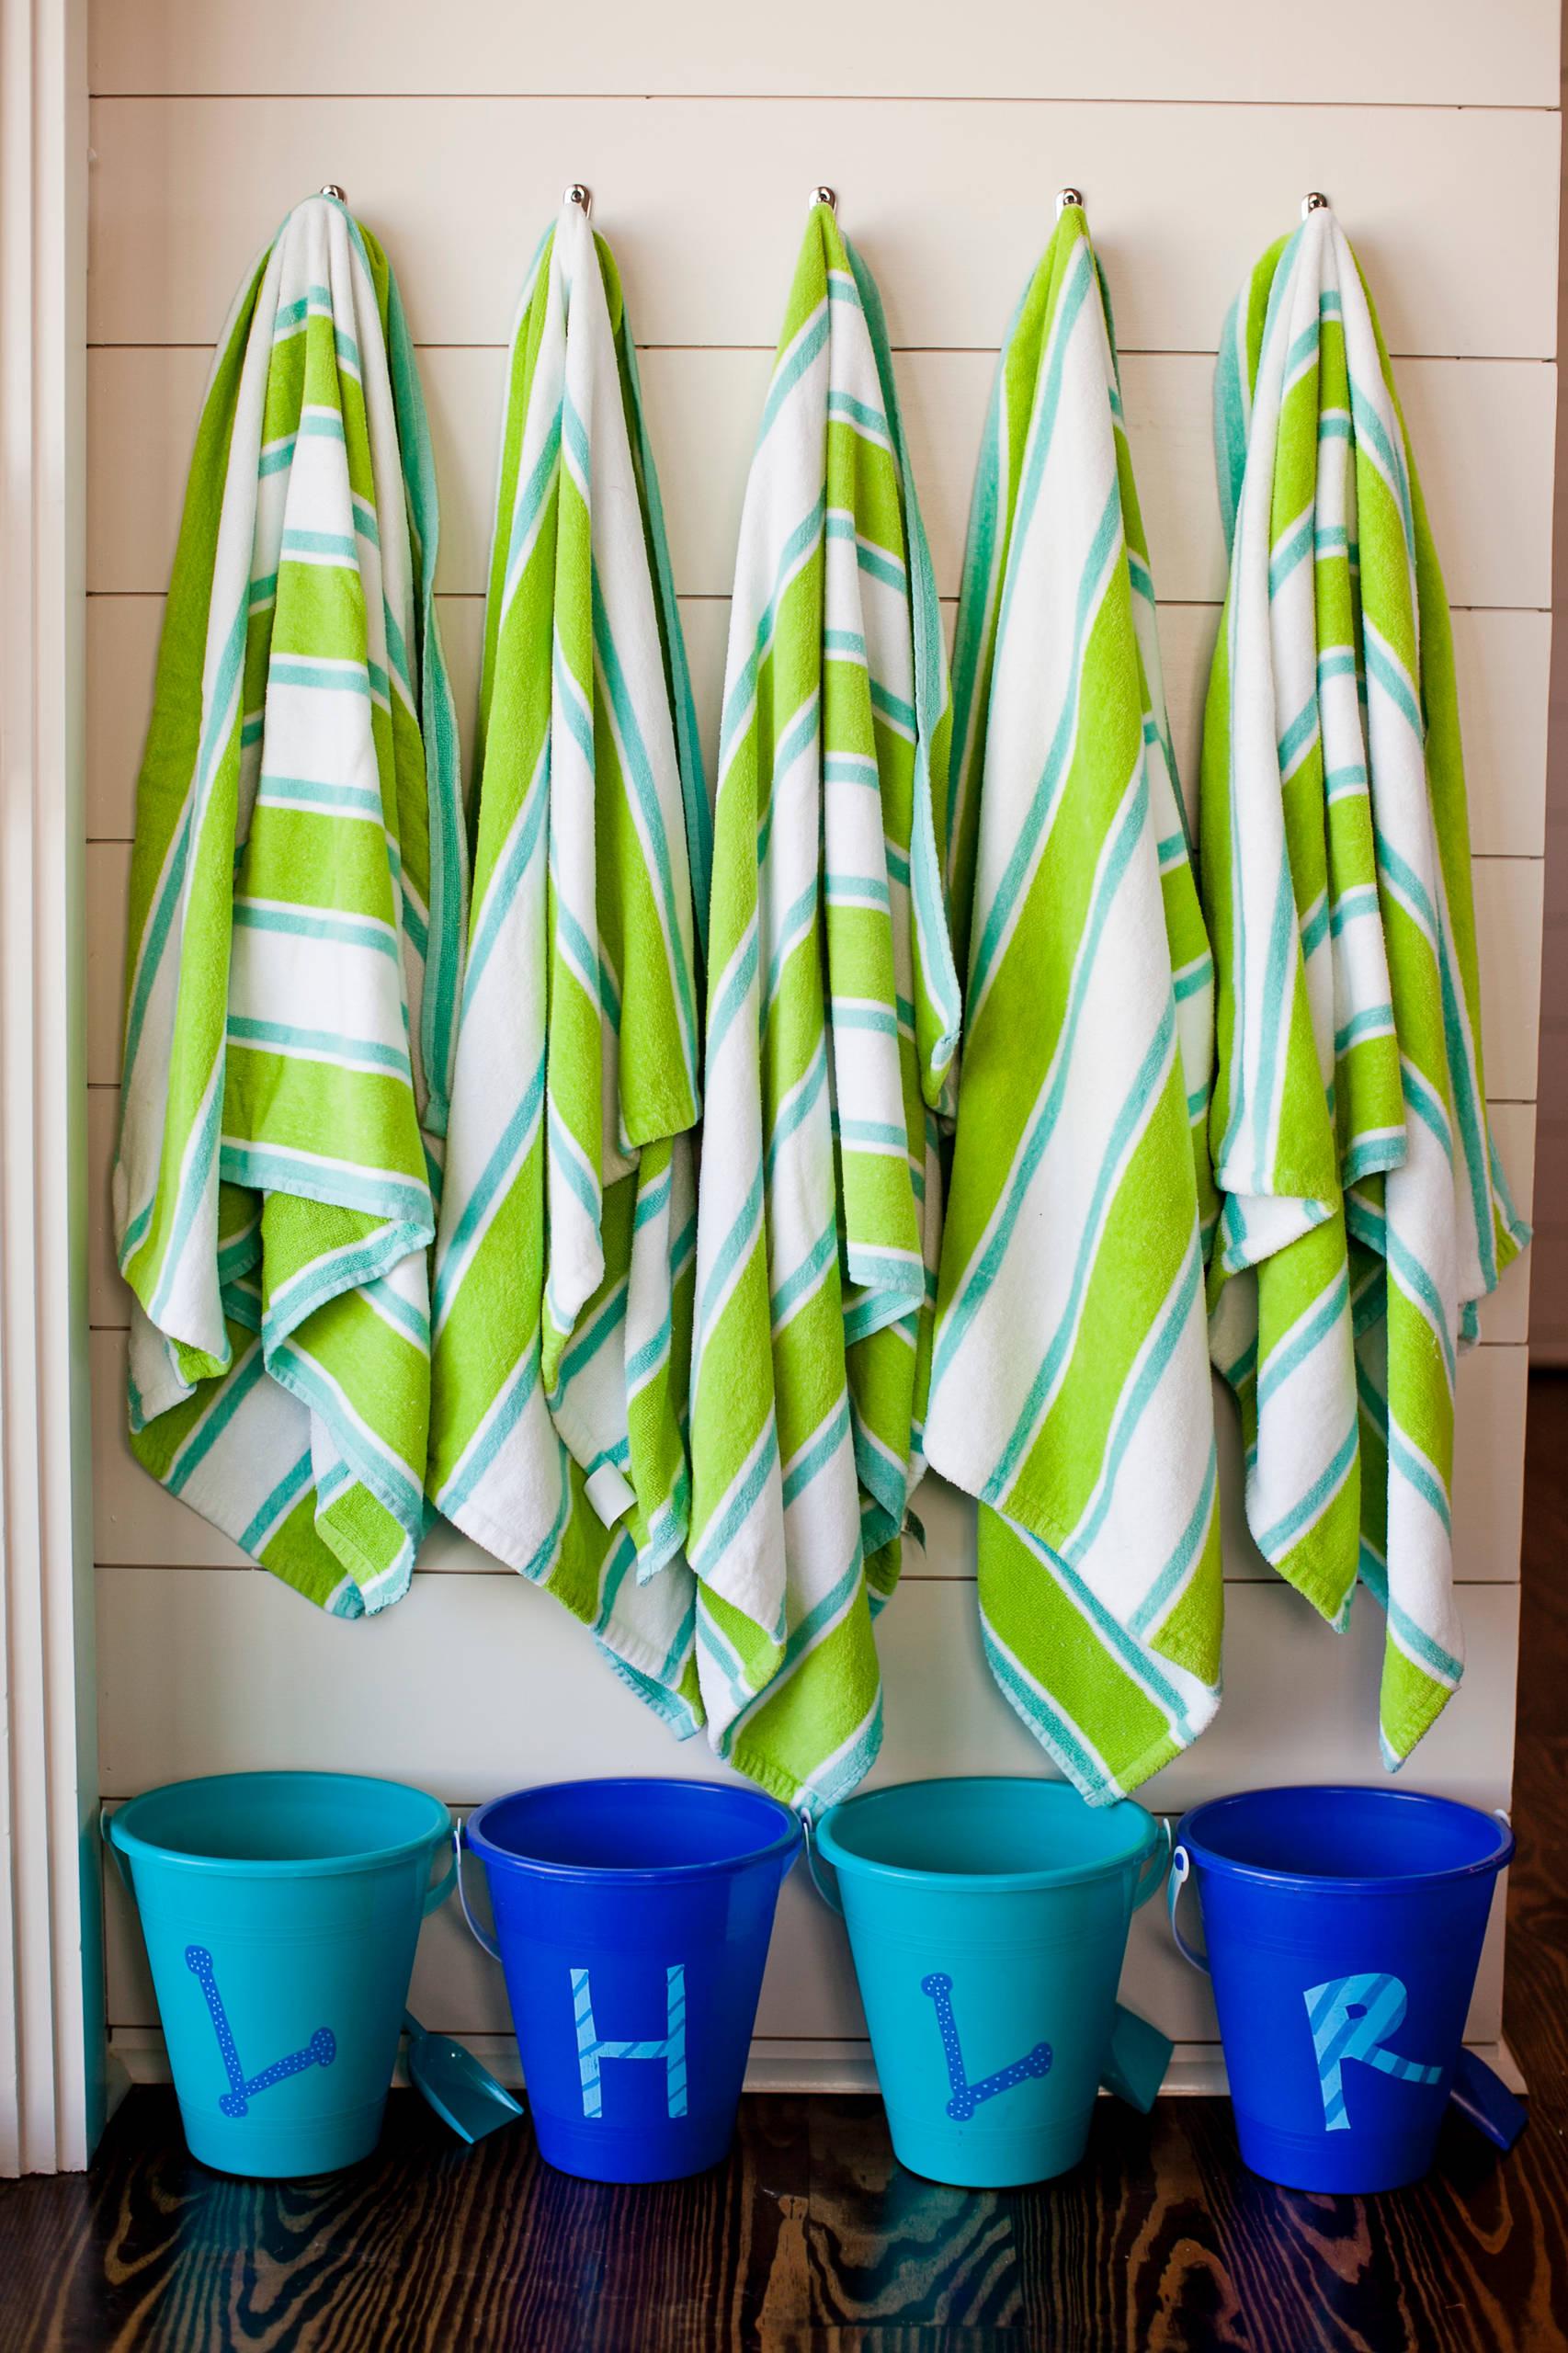 Outdoor Beach Towel Storage Houzz, Outdoor Beach Towel Storage Ideas